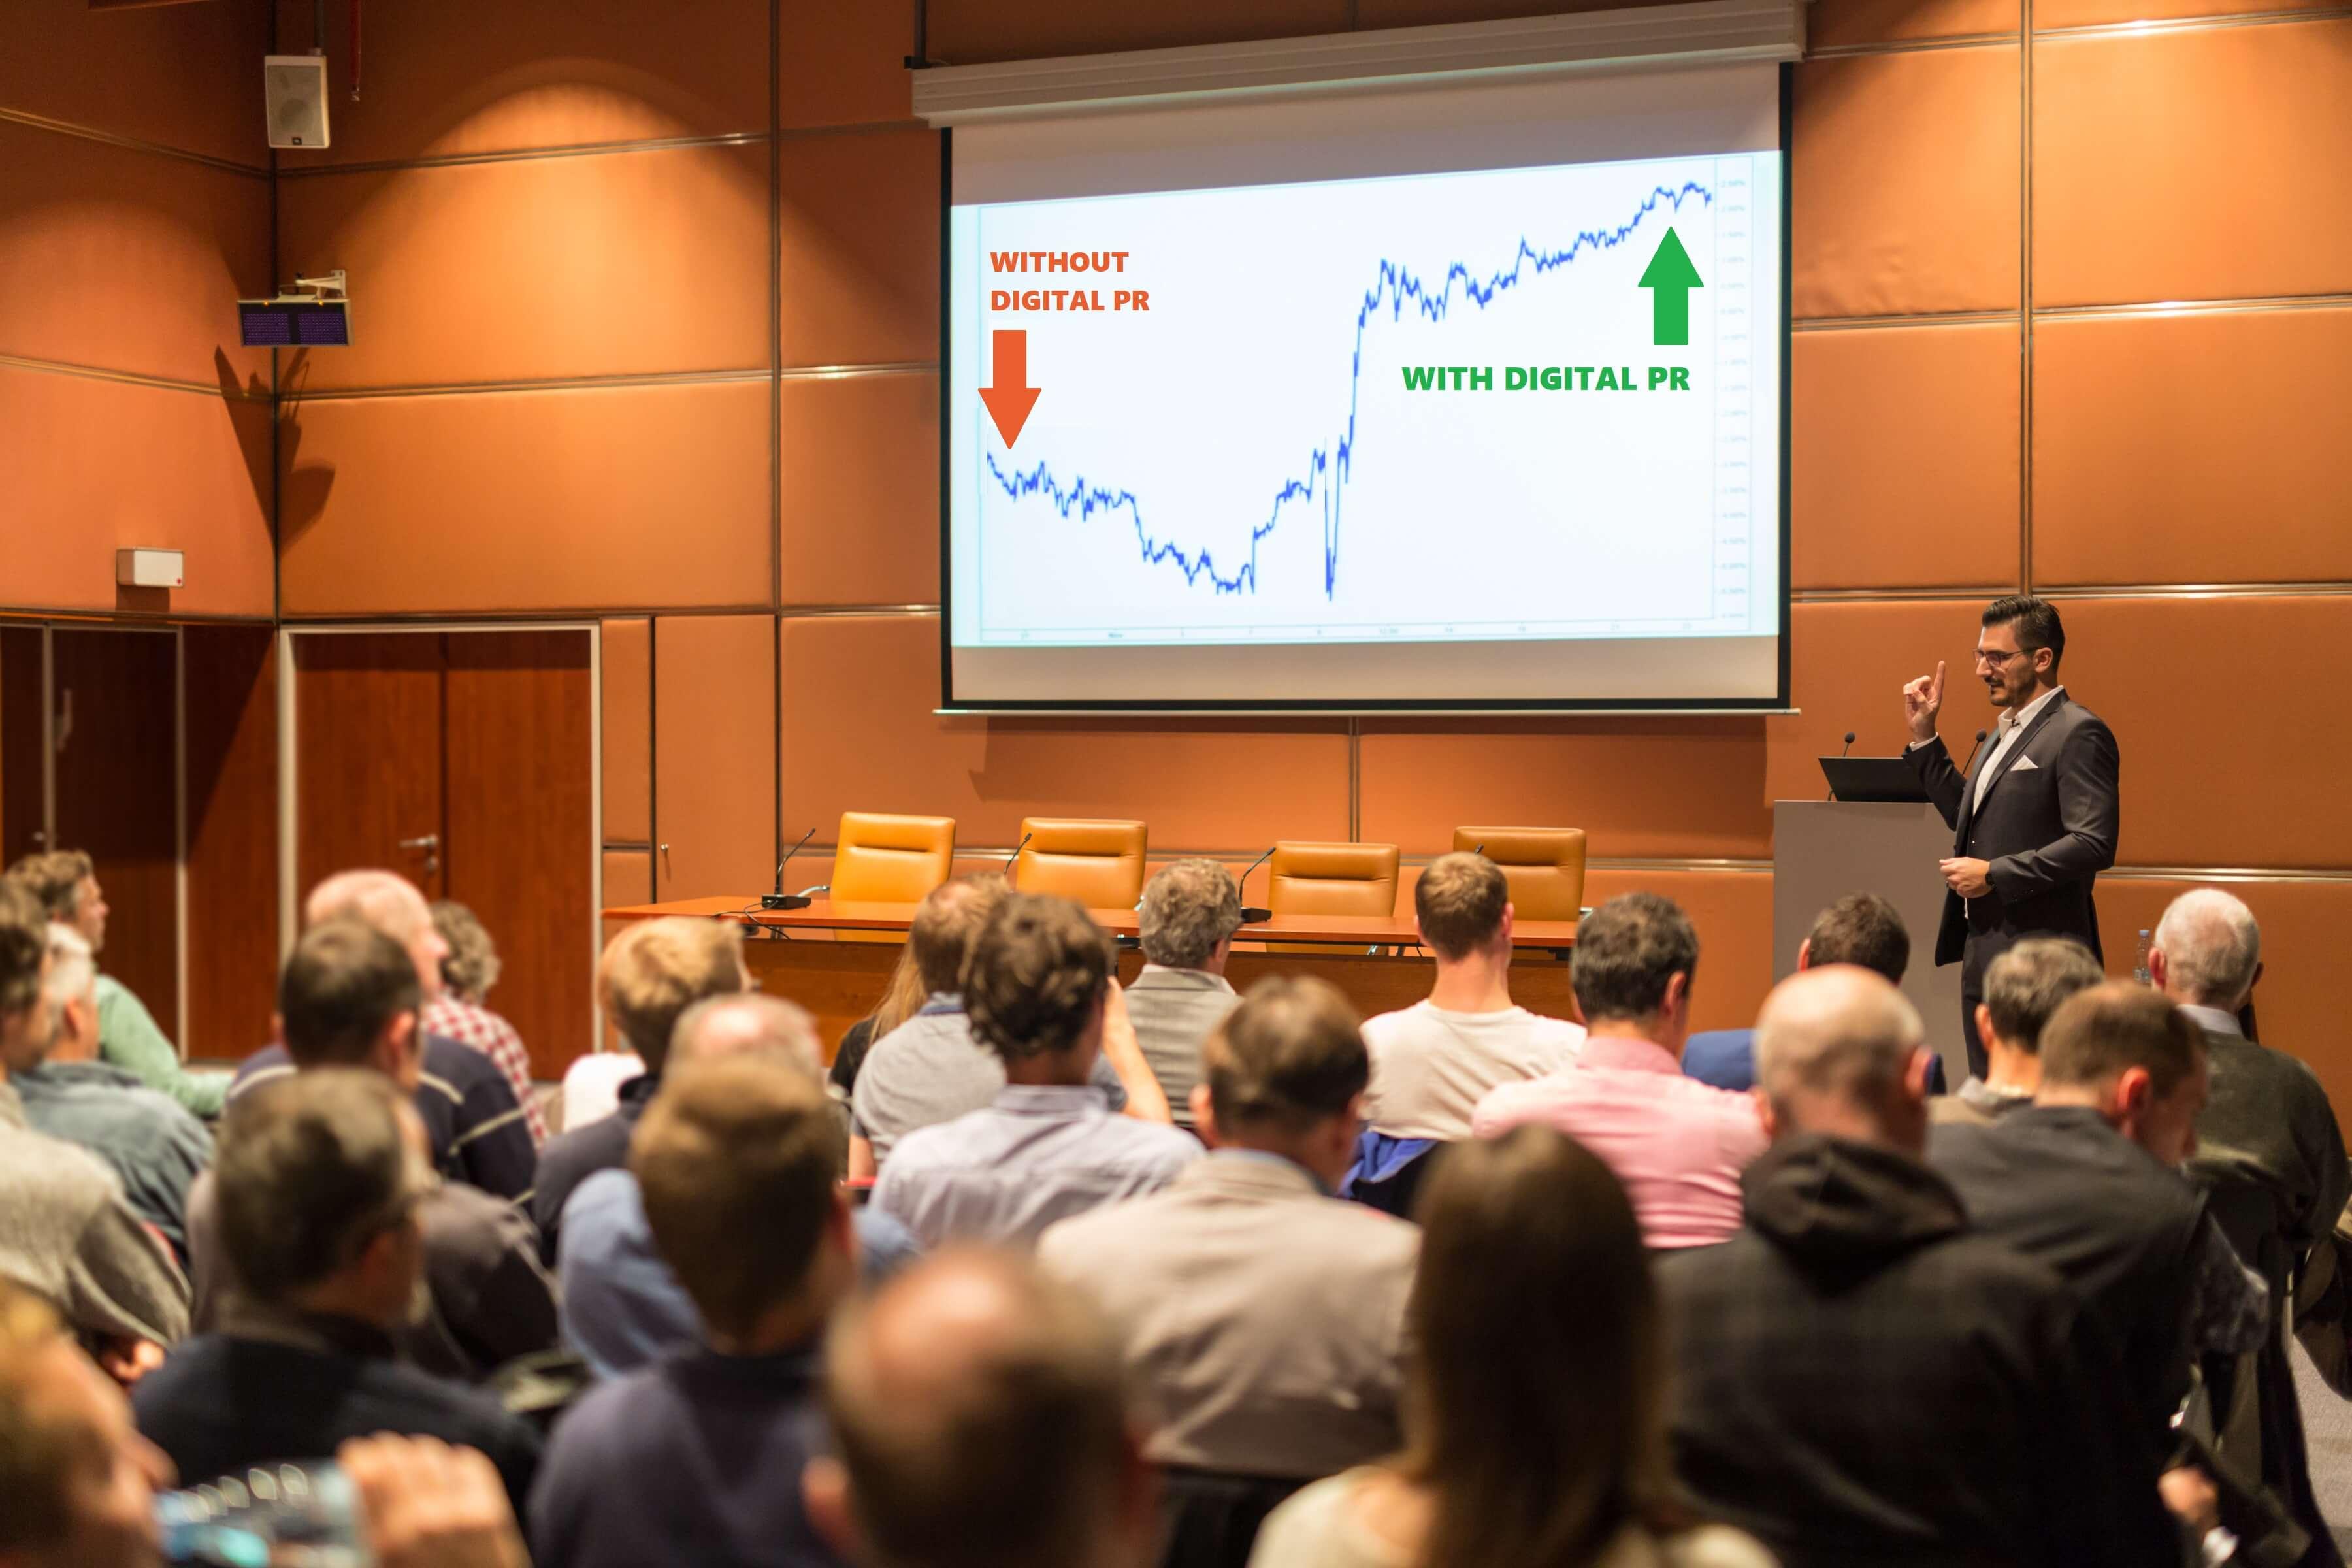 conference speaker recommends digital pr